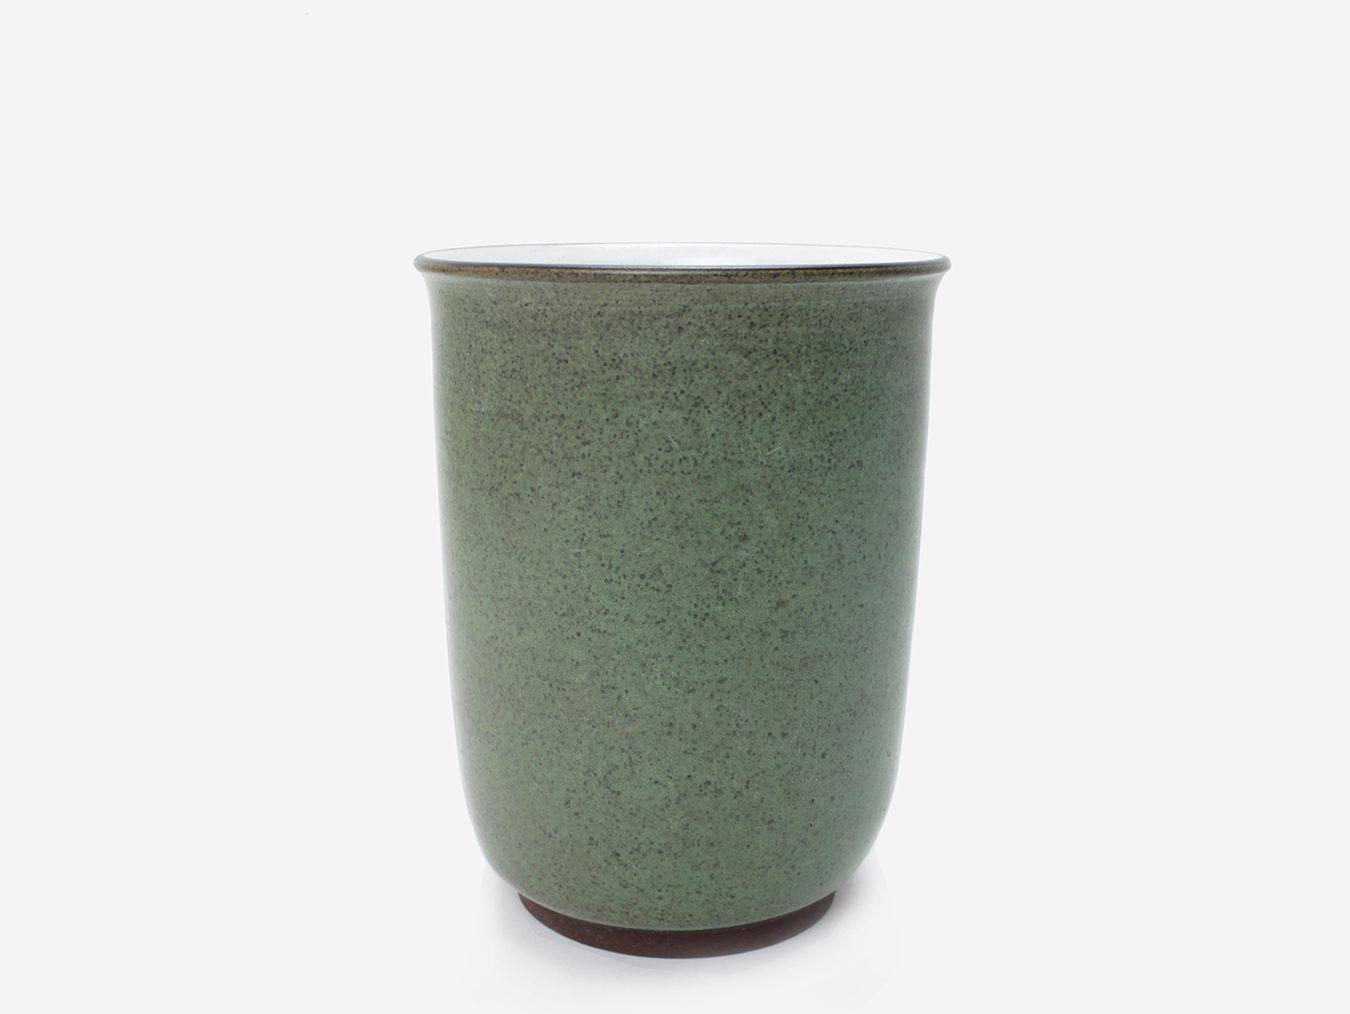 zaalberg vaas green